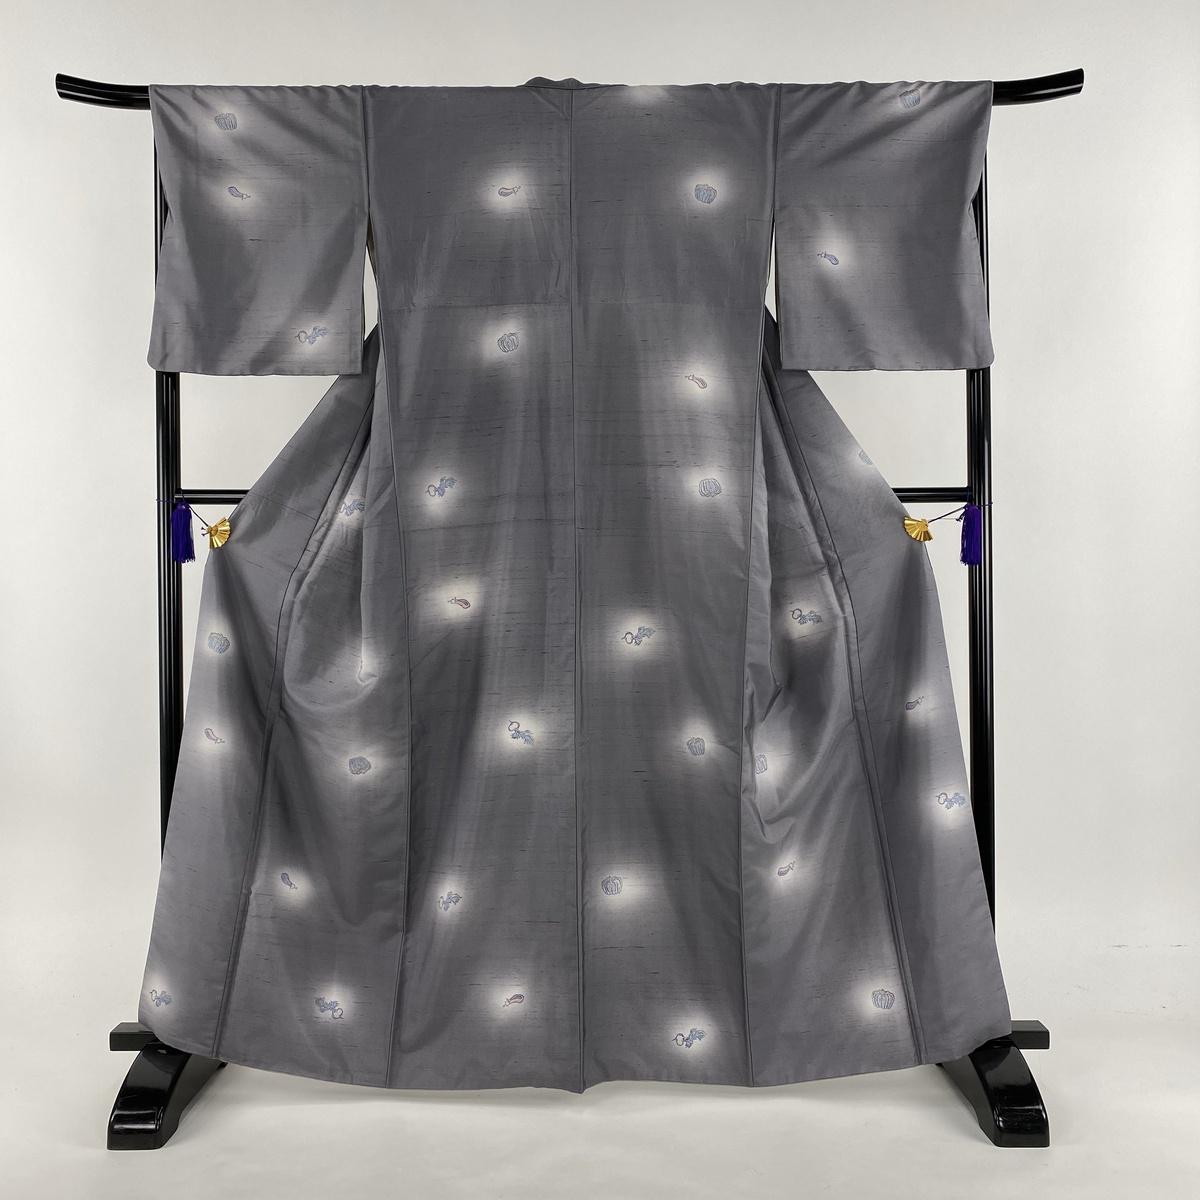 小紋 名品 紬地 野菜 灰紫 袷 身丈163cm 裄丈68.5cm L 正絹 【中古】